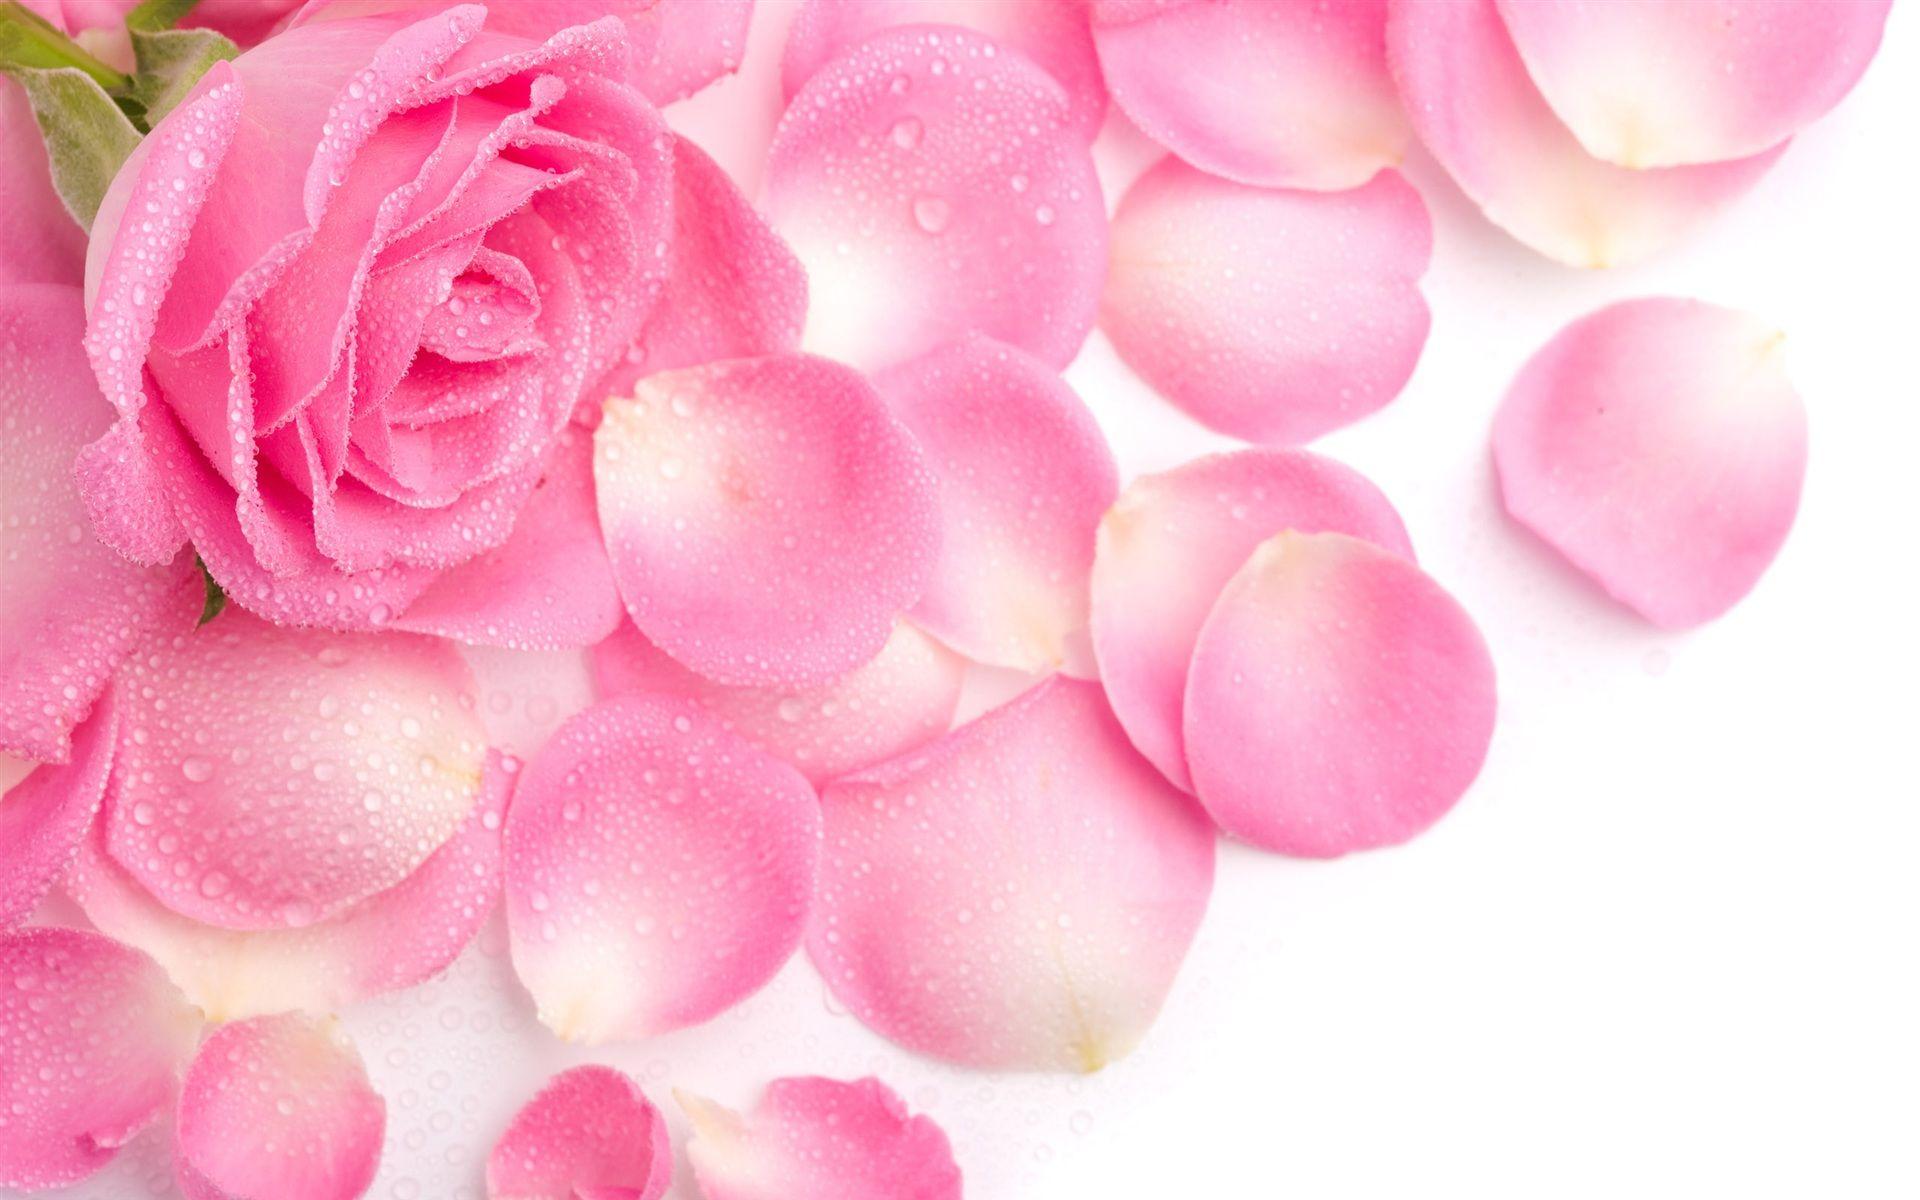 ピンクのバラの花びら 壁紙 1920x1200 バラ 花びら バラの花